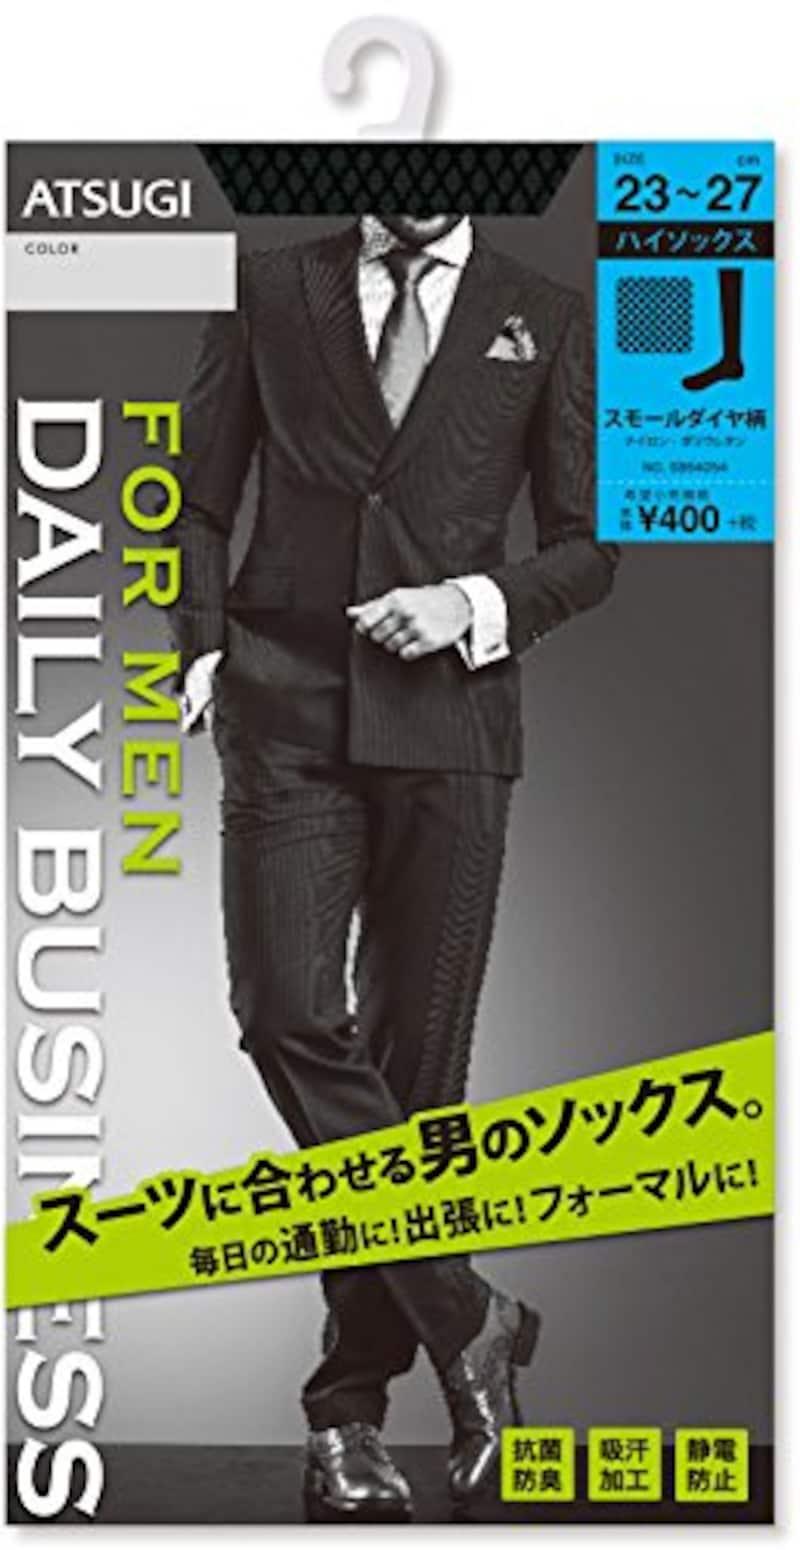 ATSUGI(アツギ),DAILY BUSINESS